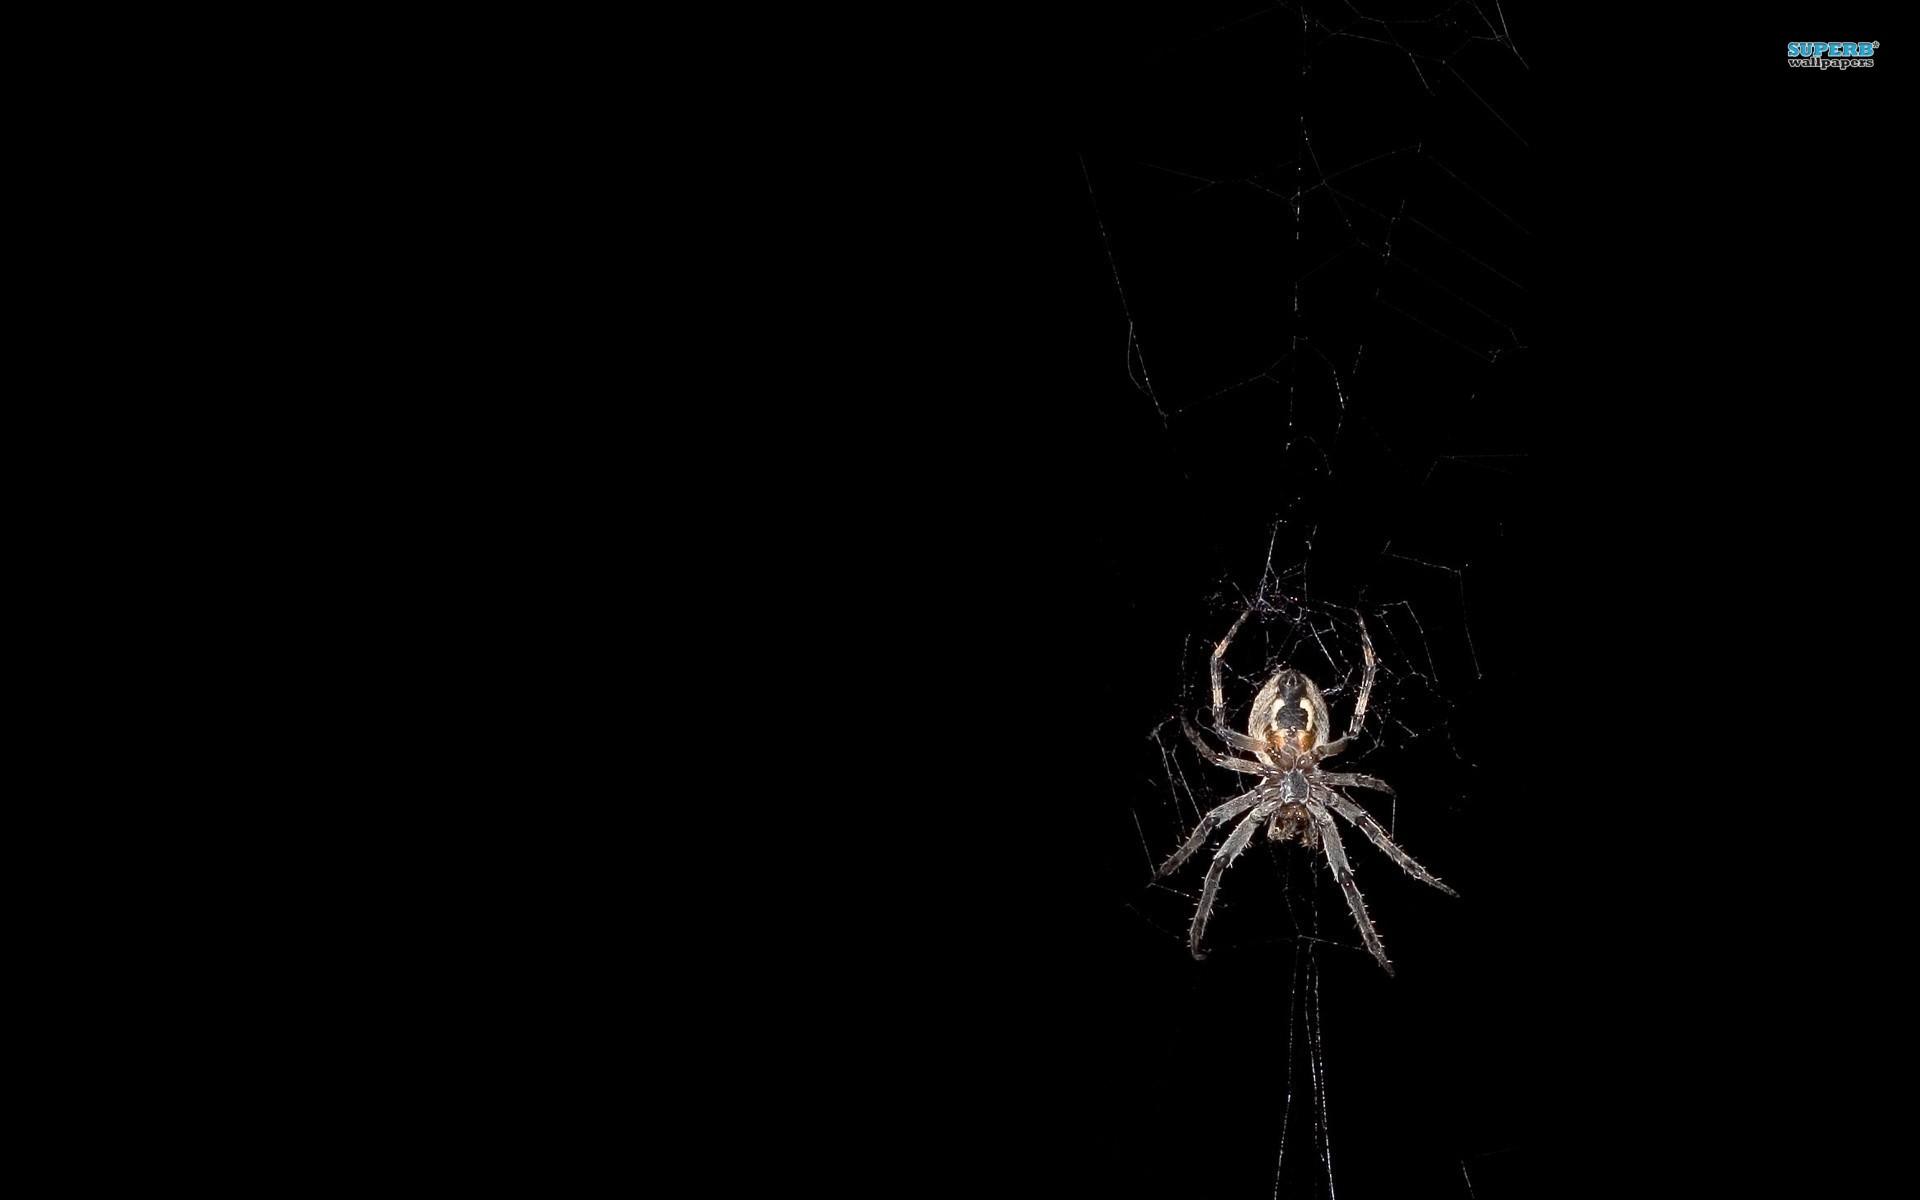 Spider Wallpaper 1920x1200